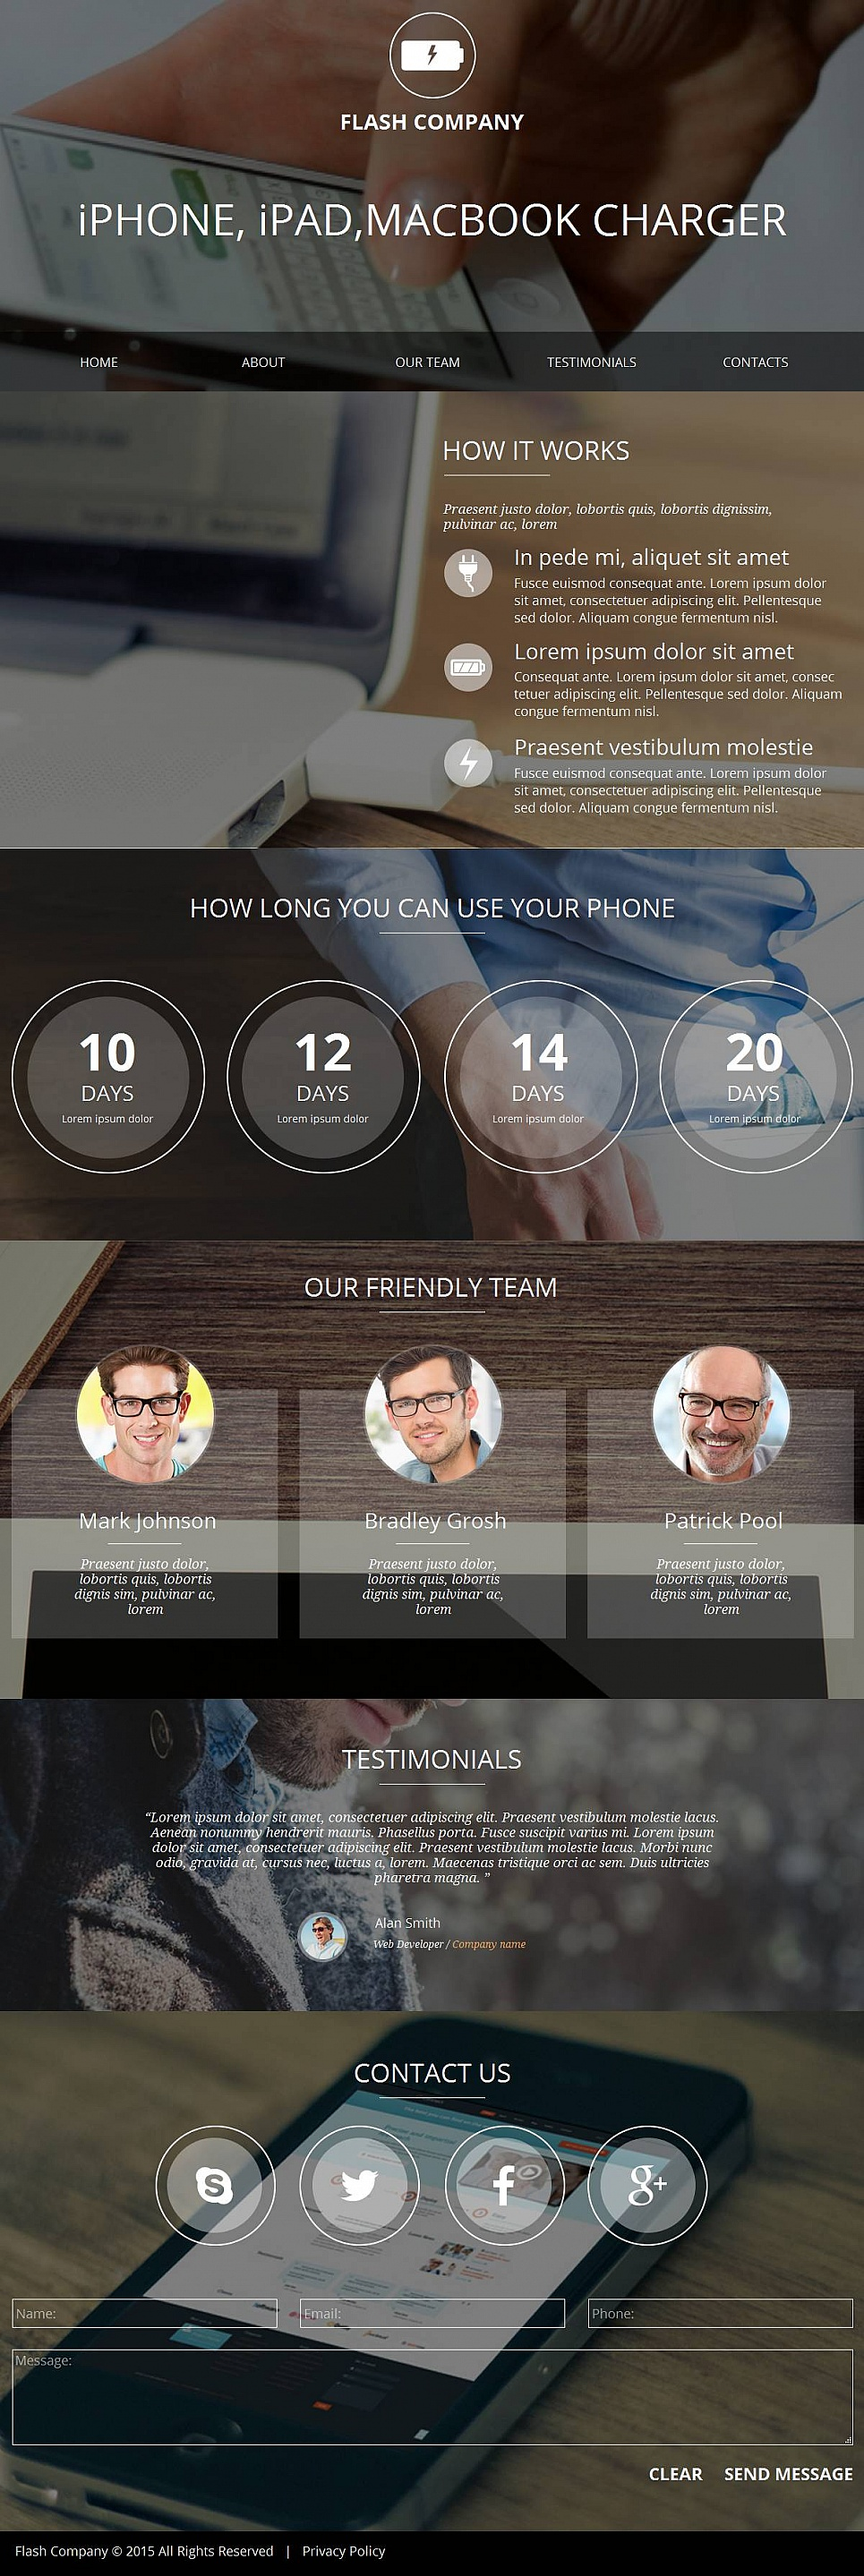 Webseite-Vorlage für Gadgets, die Ihr Leben einfacher machen - image